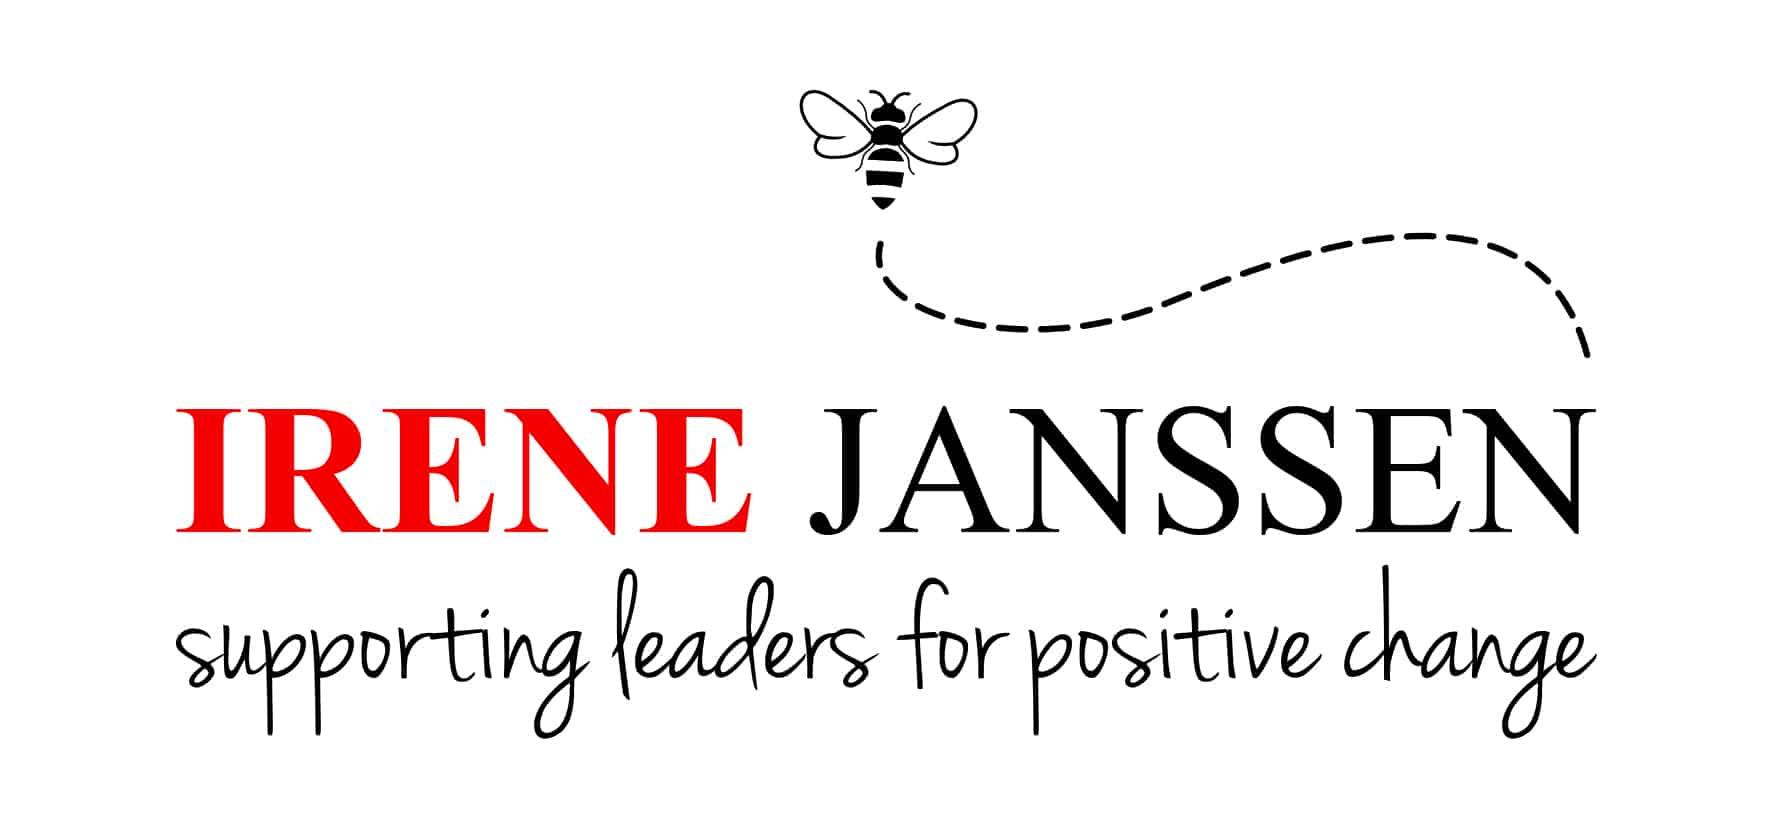 https://www.virtualstars.nl/wp-content/uploads/2021/08/Logo-Irene-Janssen-1.jpg